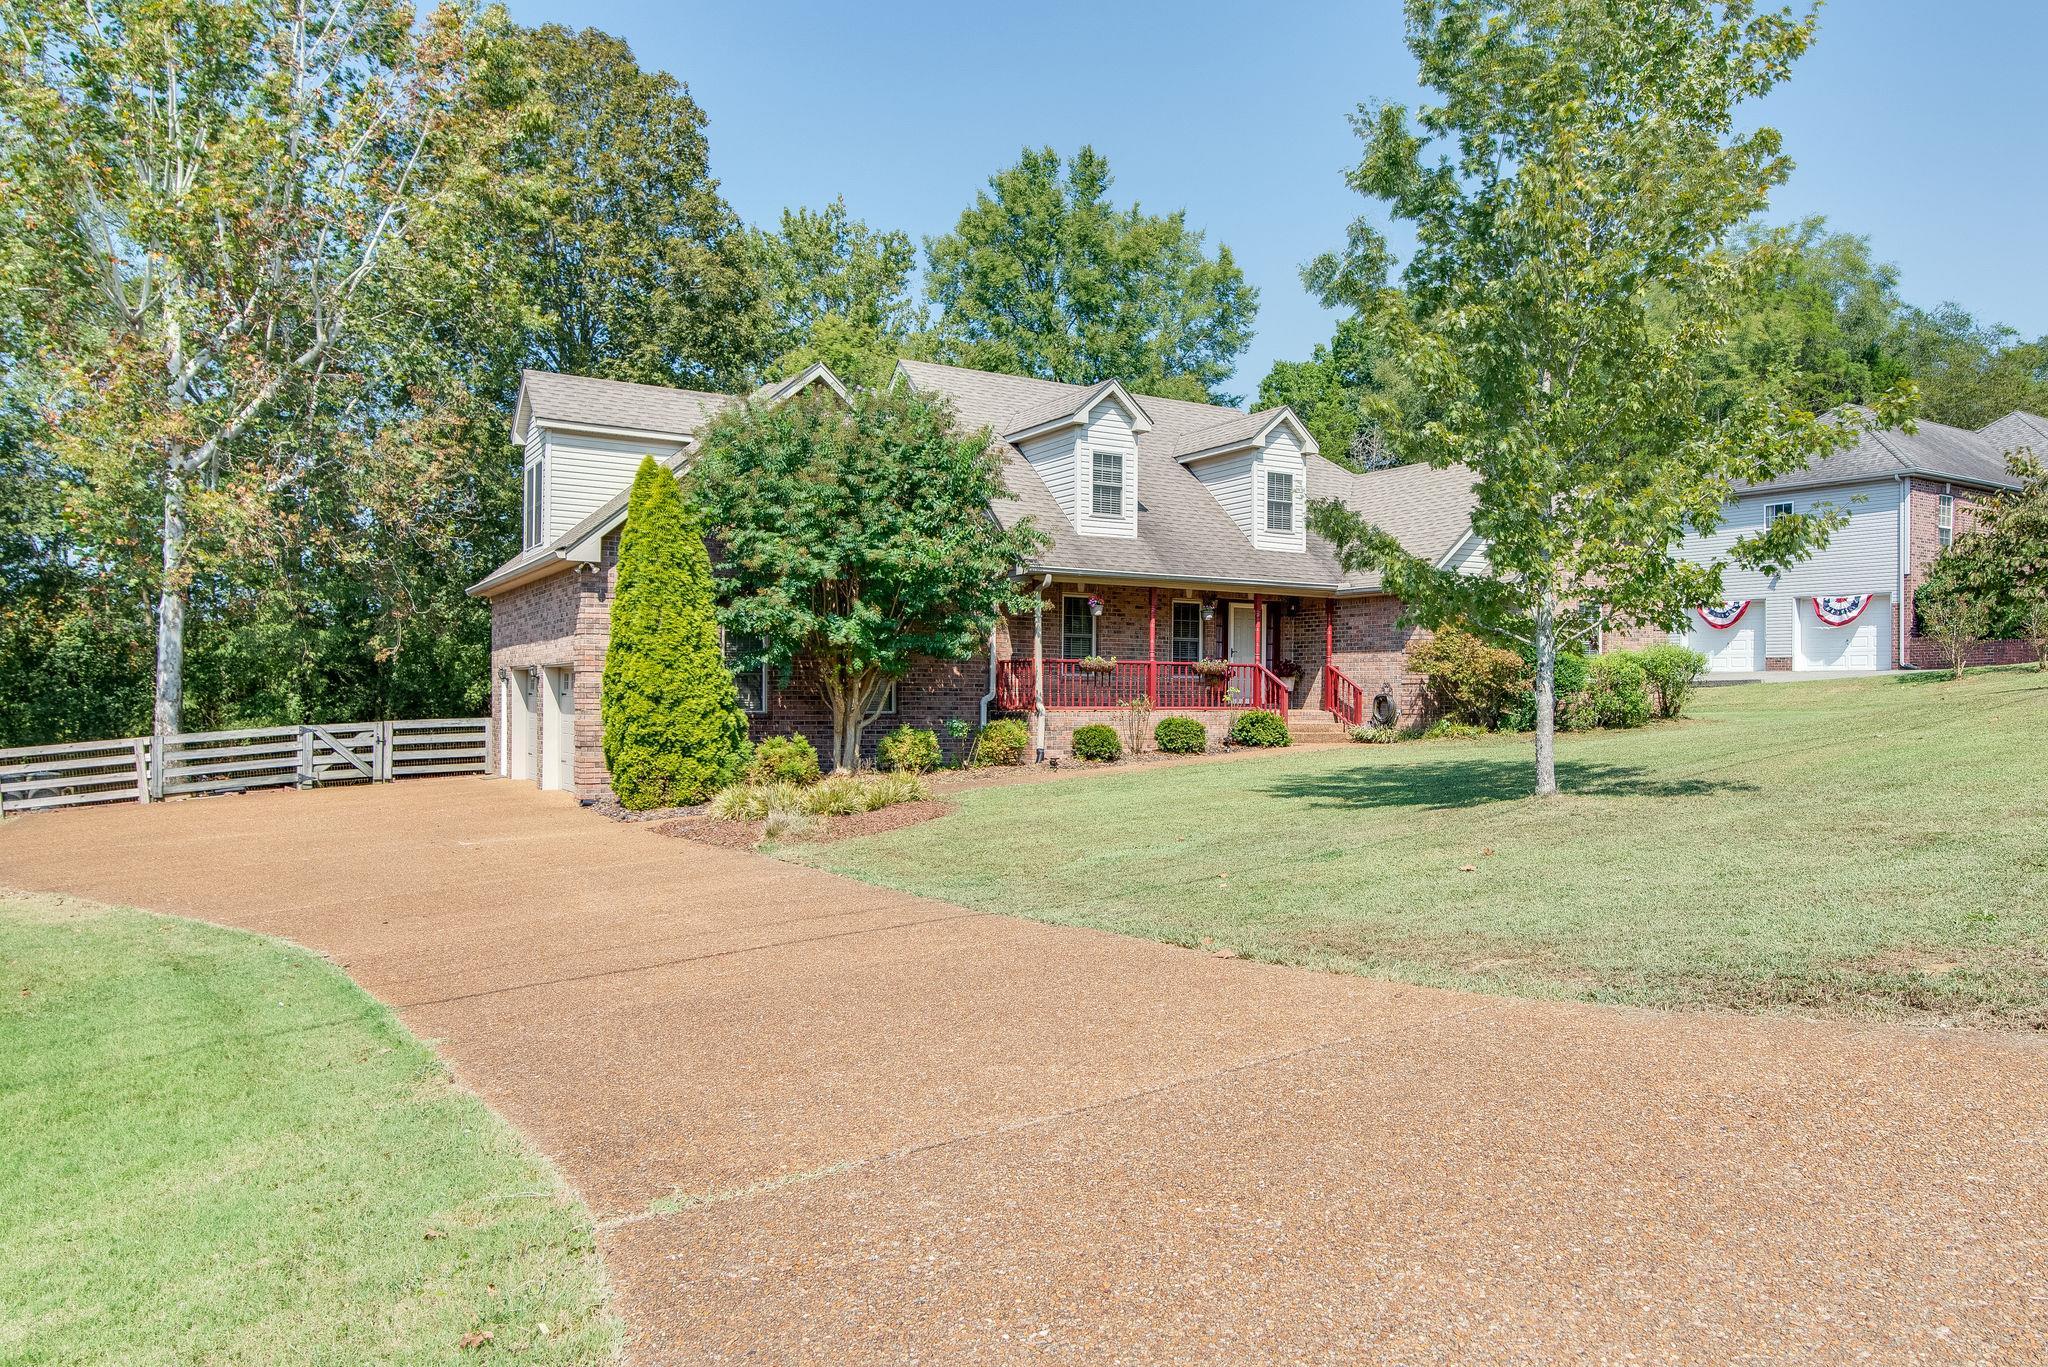 1033 Willow Trl, Goodlettsville, TN 37072 - Goodlettsville, TN real estate listing